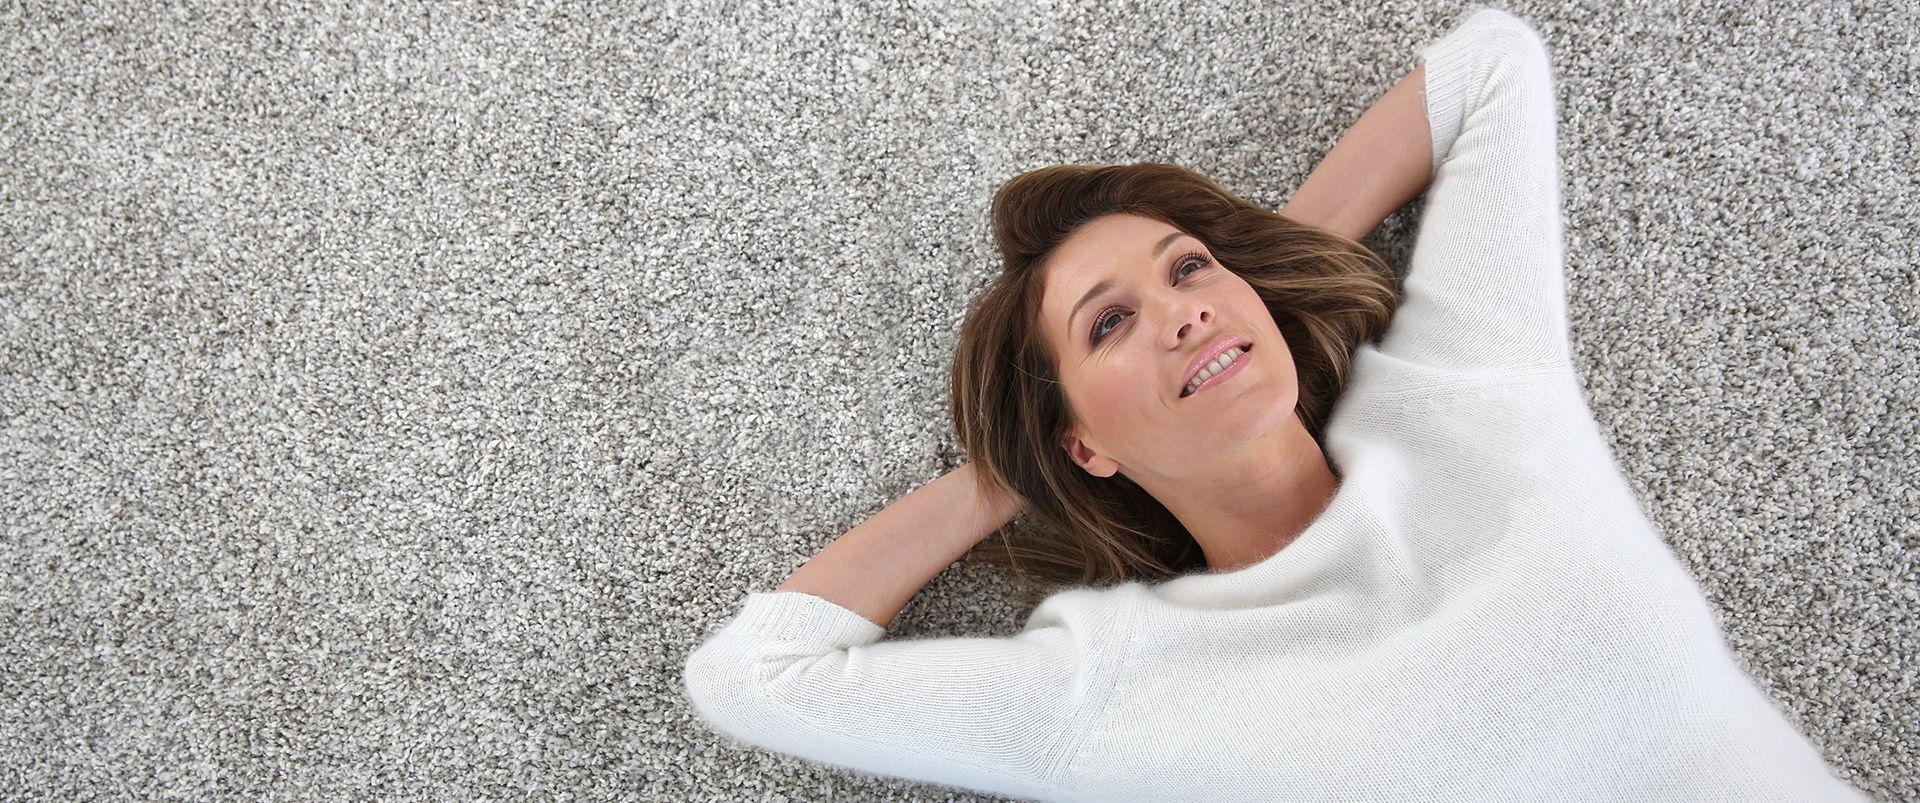 Потеря либидо: почему это происходит и как сберечь сделать так, чтобы период менопаузы не разрушил сексуальную жизнь